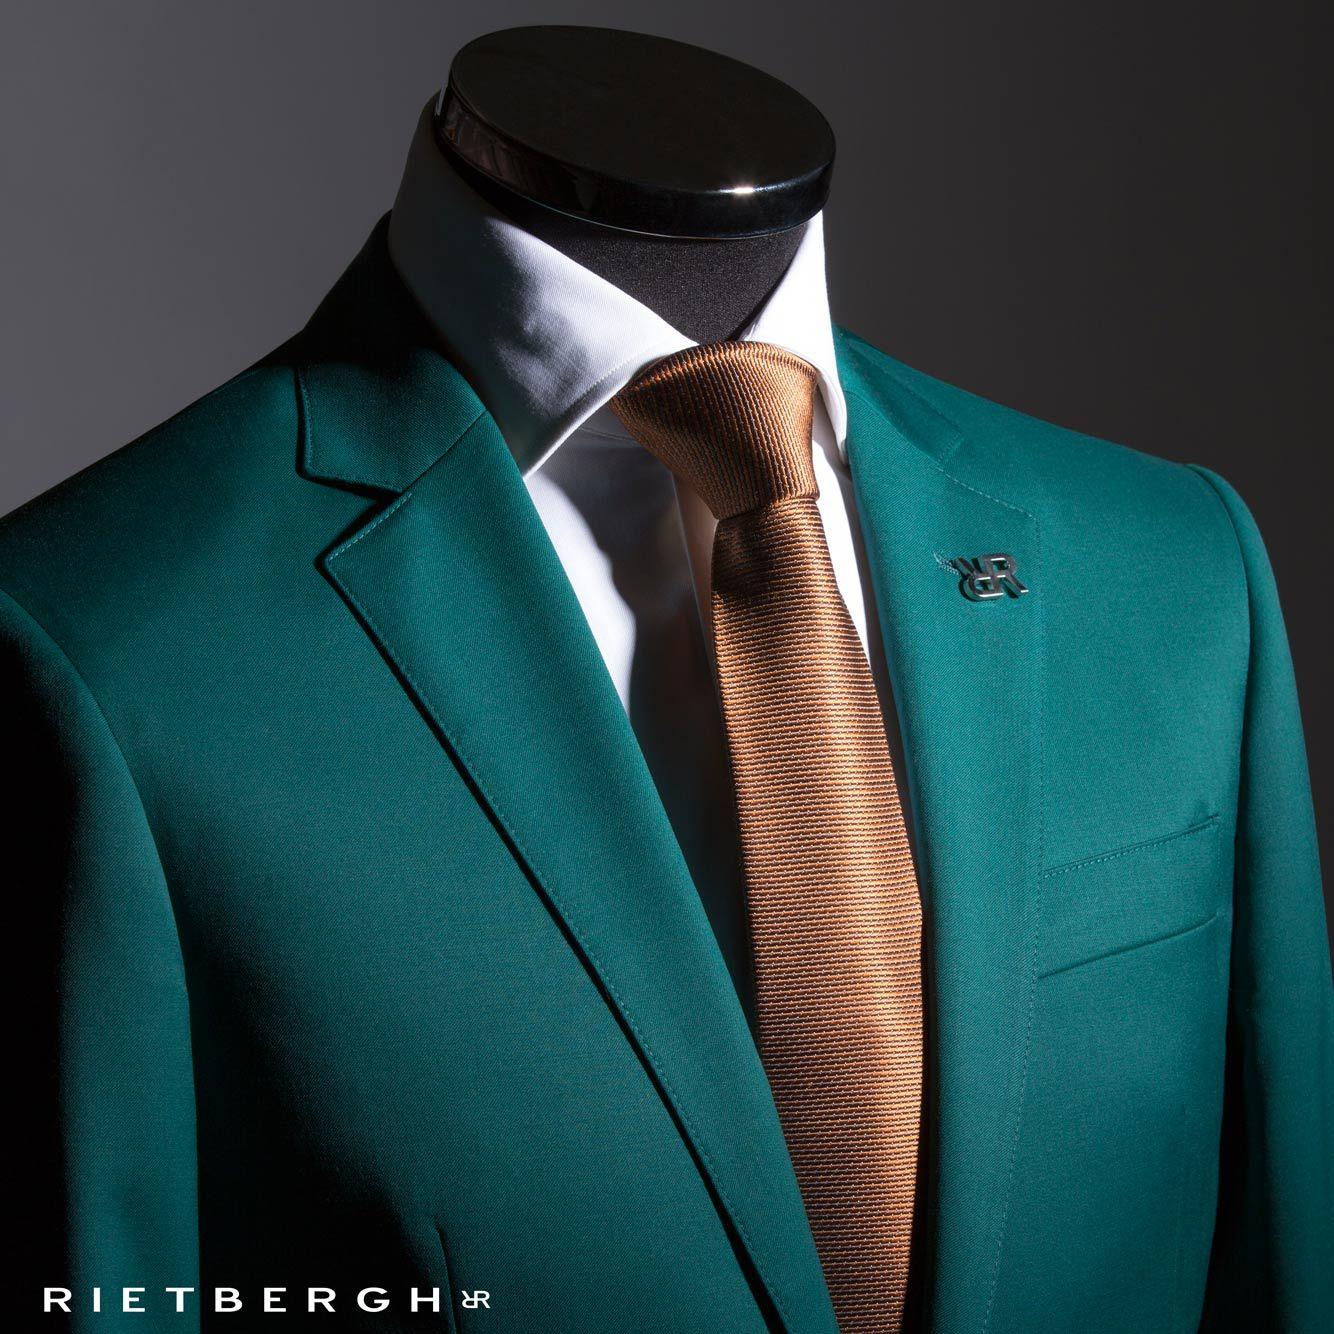 Groen maatpak - green suit - green wedding suit - groen trouwpak ...